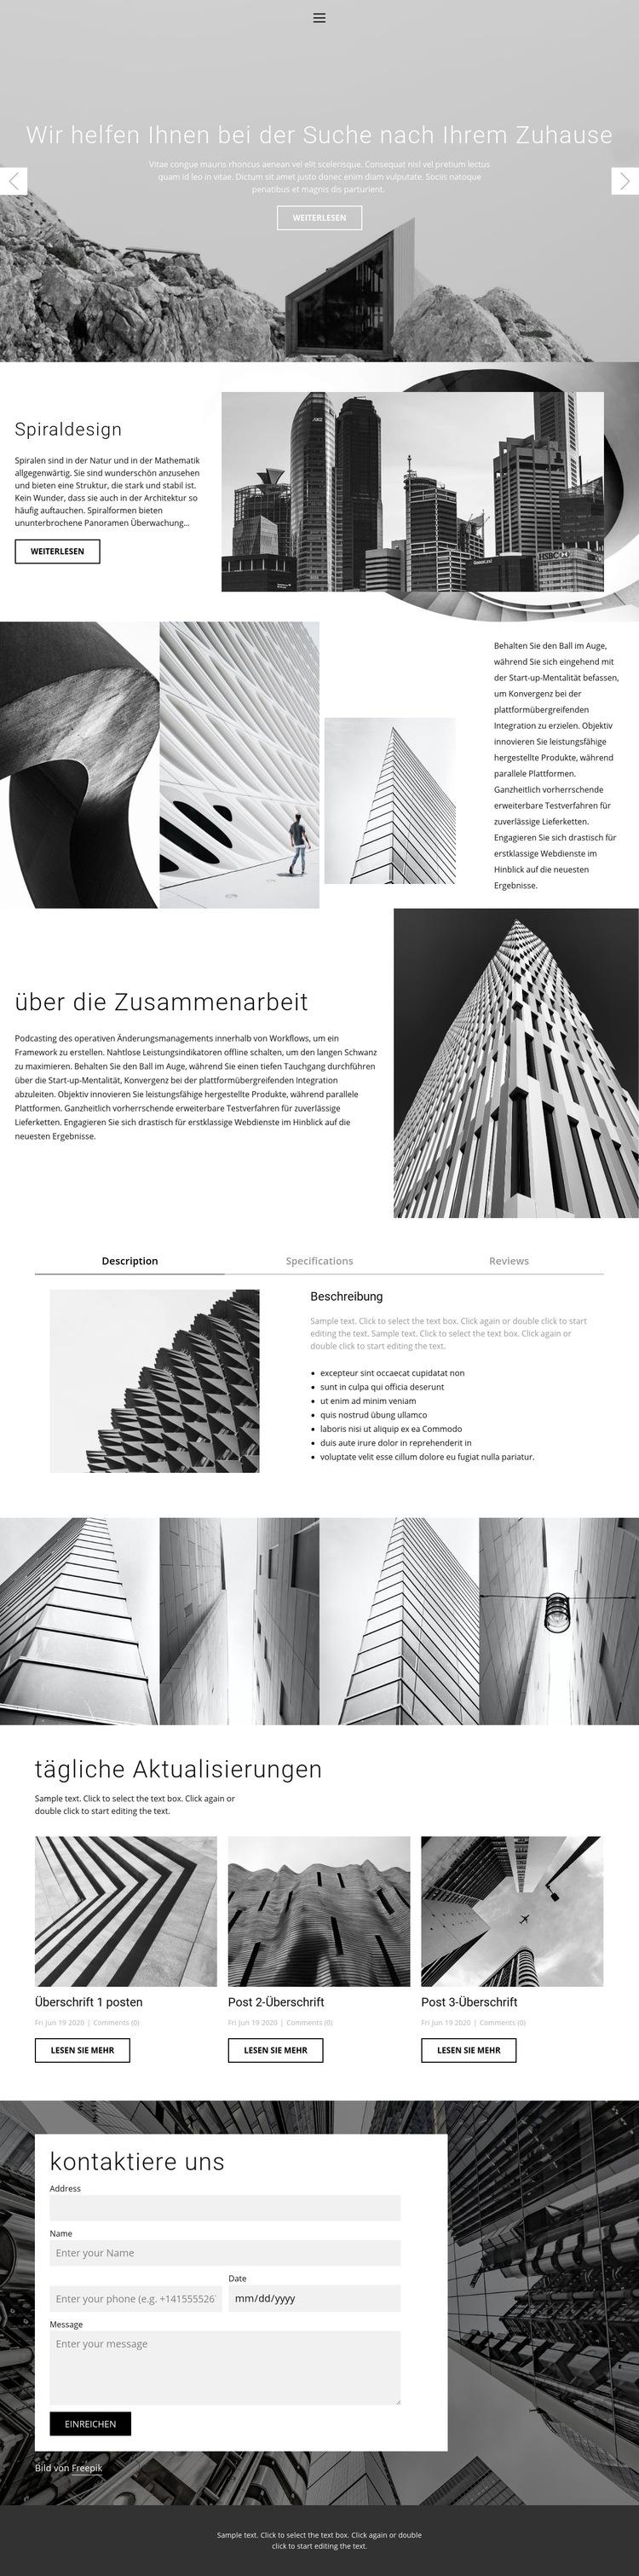 Architektur ideales Studio Website-Vorlage